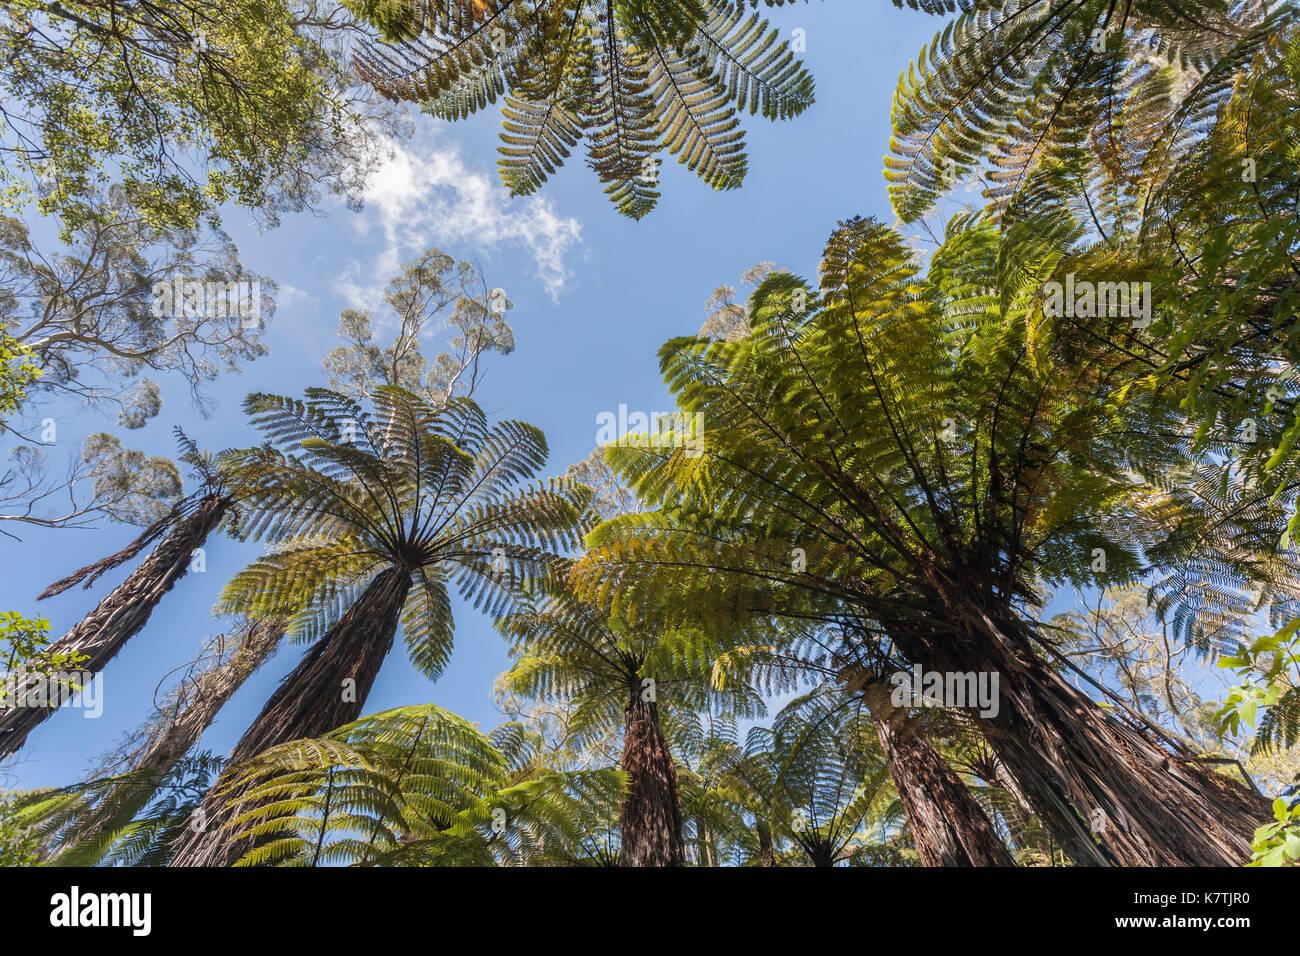 Nuova Zelanda nativi di felci arboree (dicksonia squarrosa) vicino a Rotorua, Nuova Zelanda Immagini Stock